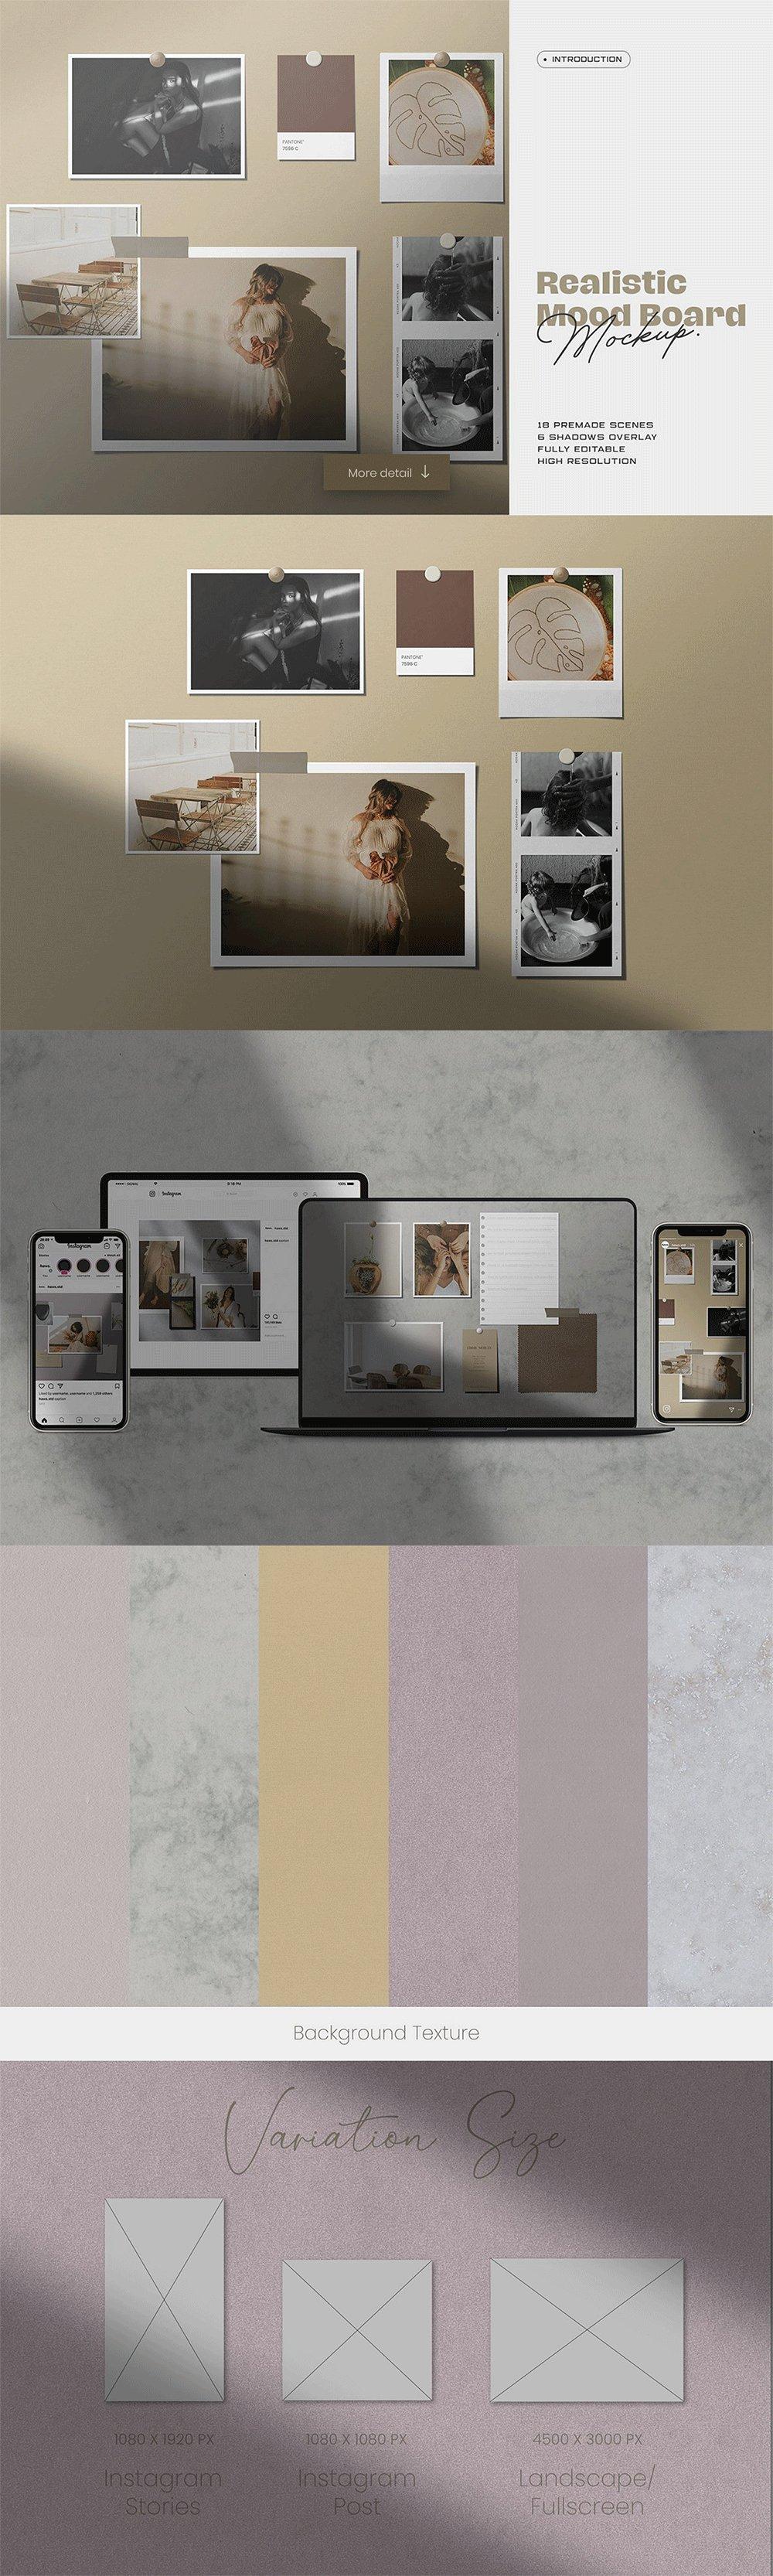 [淘宝购买] 10套文艺情绪板摄影相片卡片拼贴设计PSD源文件 Bundle Moodboard Mockup V2插图(8)